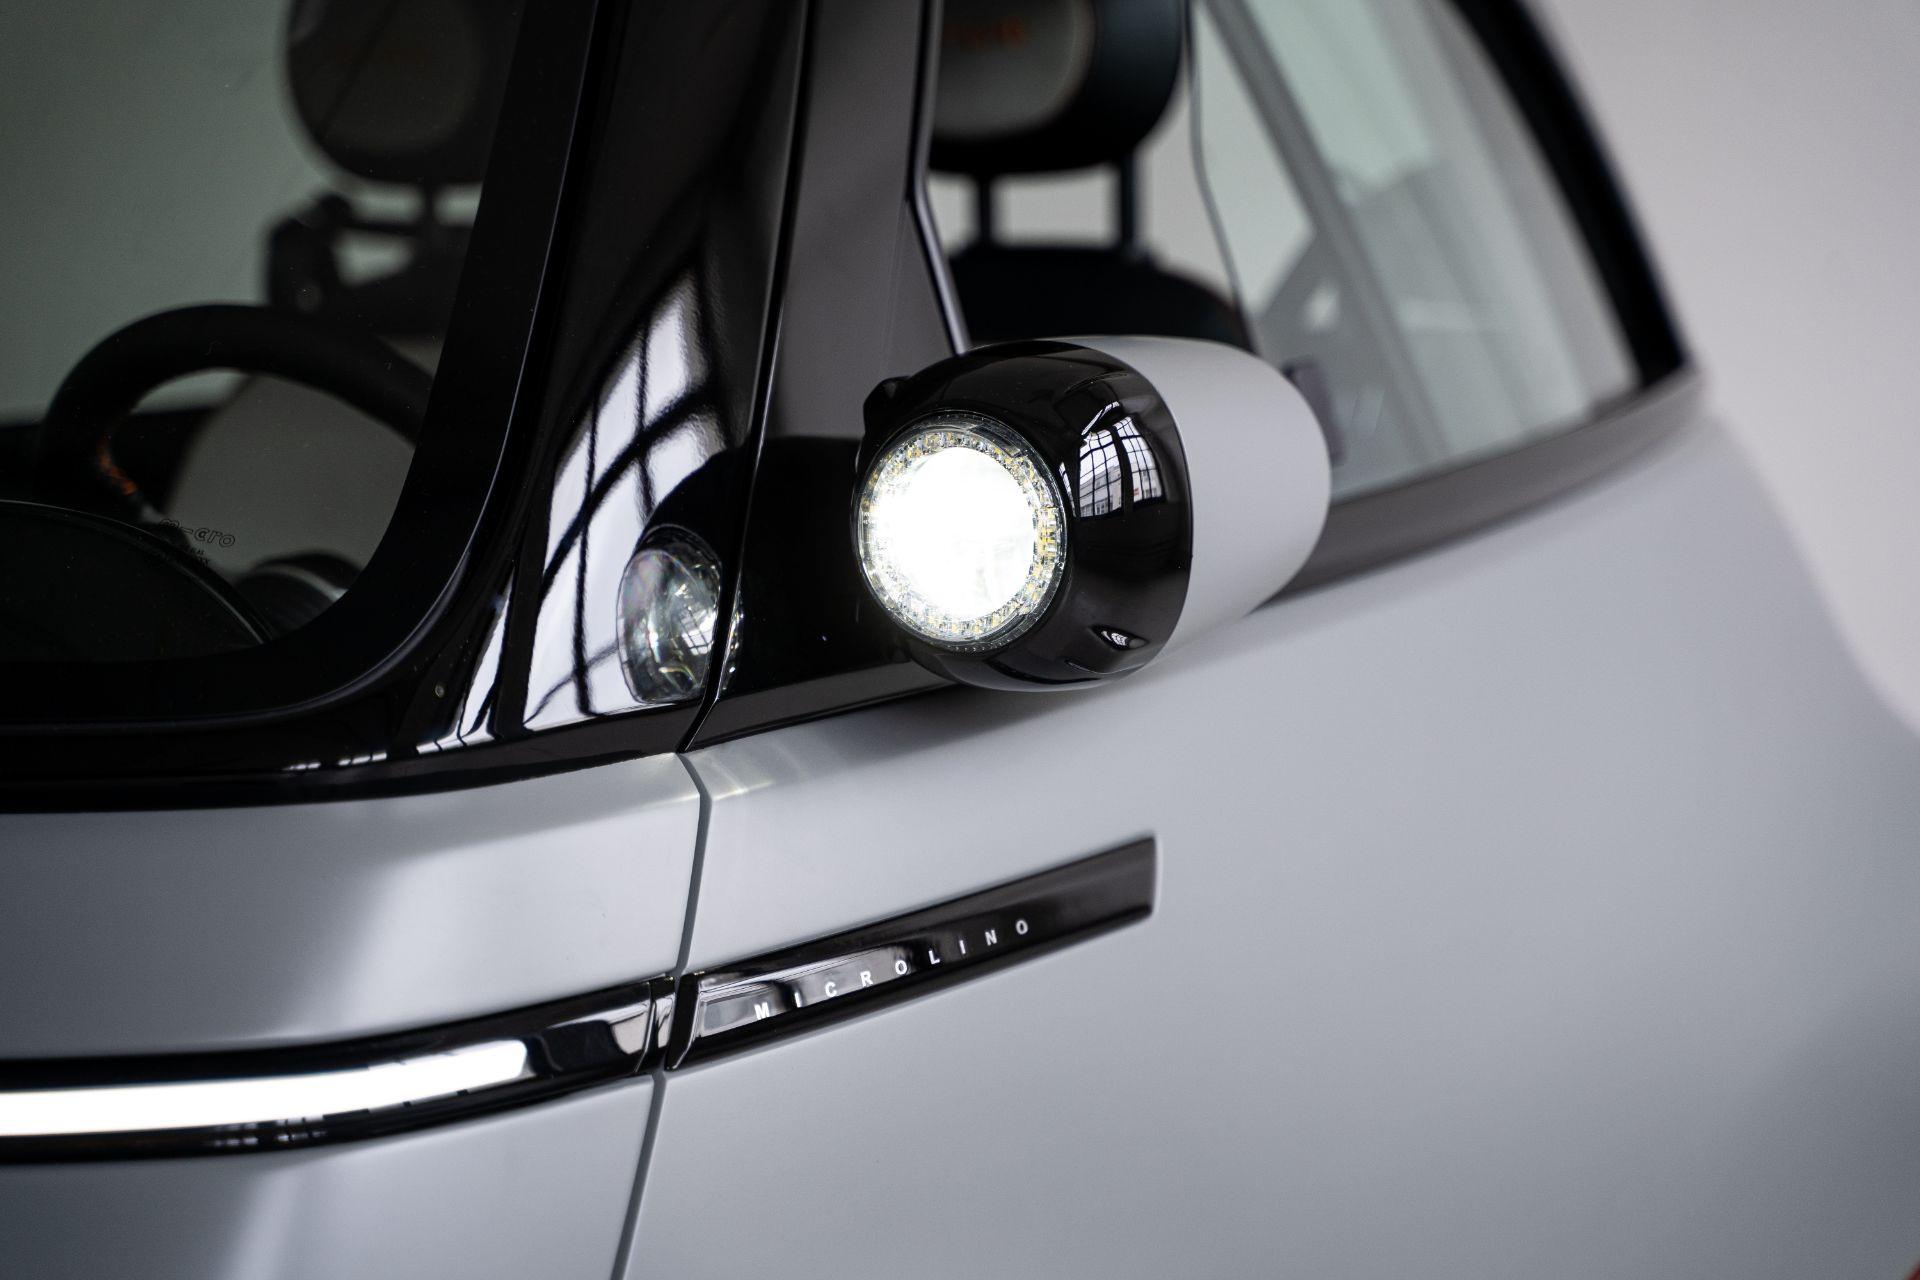 Xe điện tí hon Microlino 2.0 tái sinh huyền thoại BMW Isetta - 8